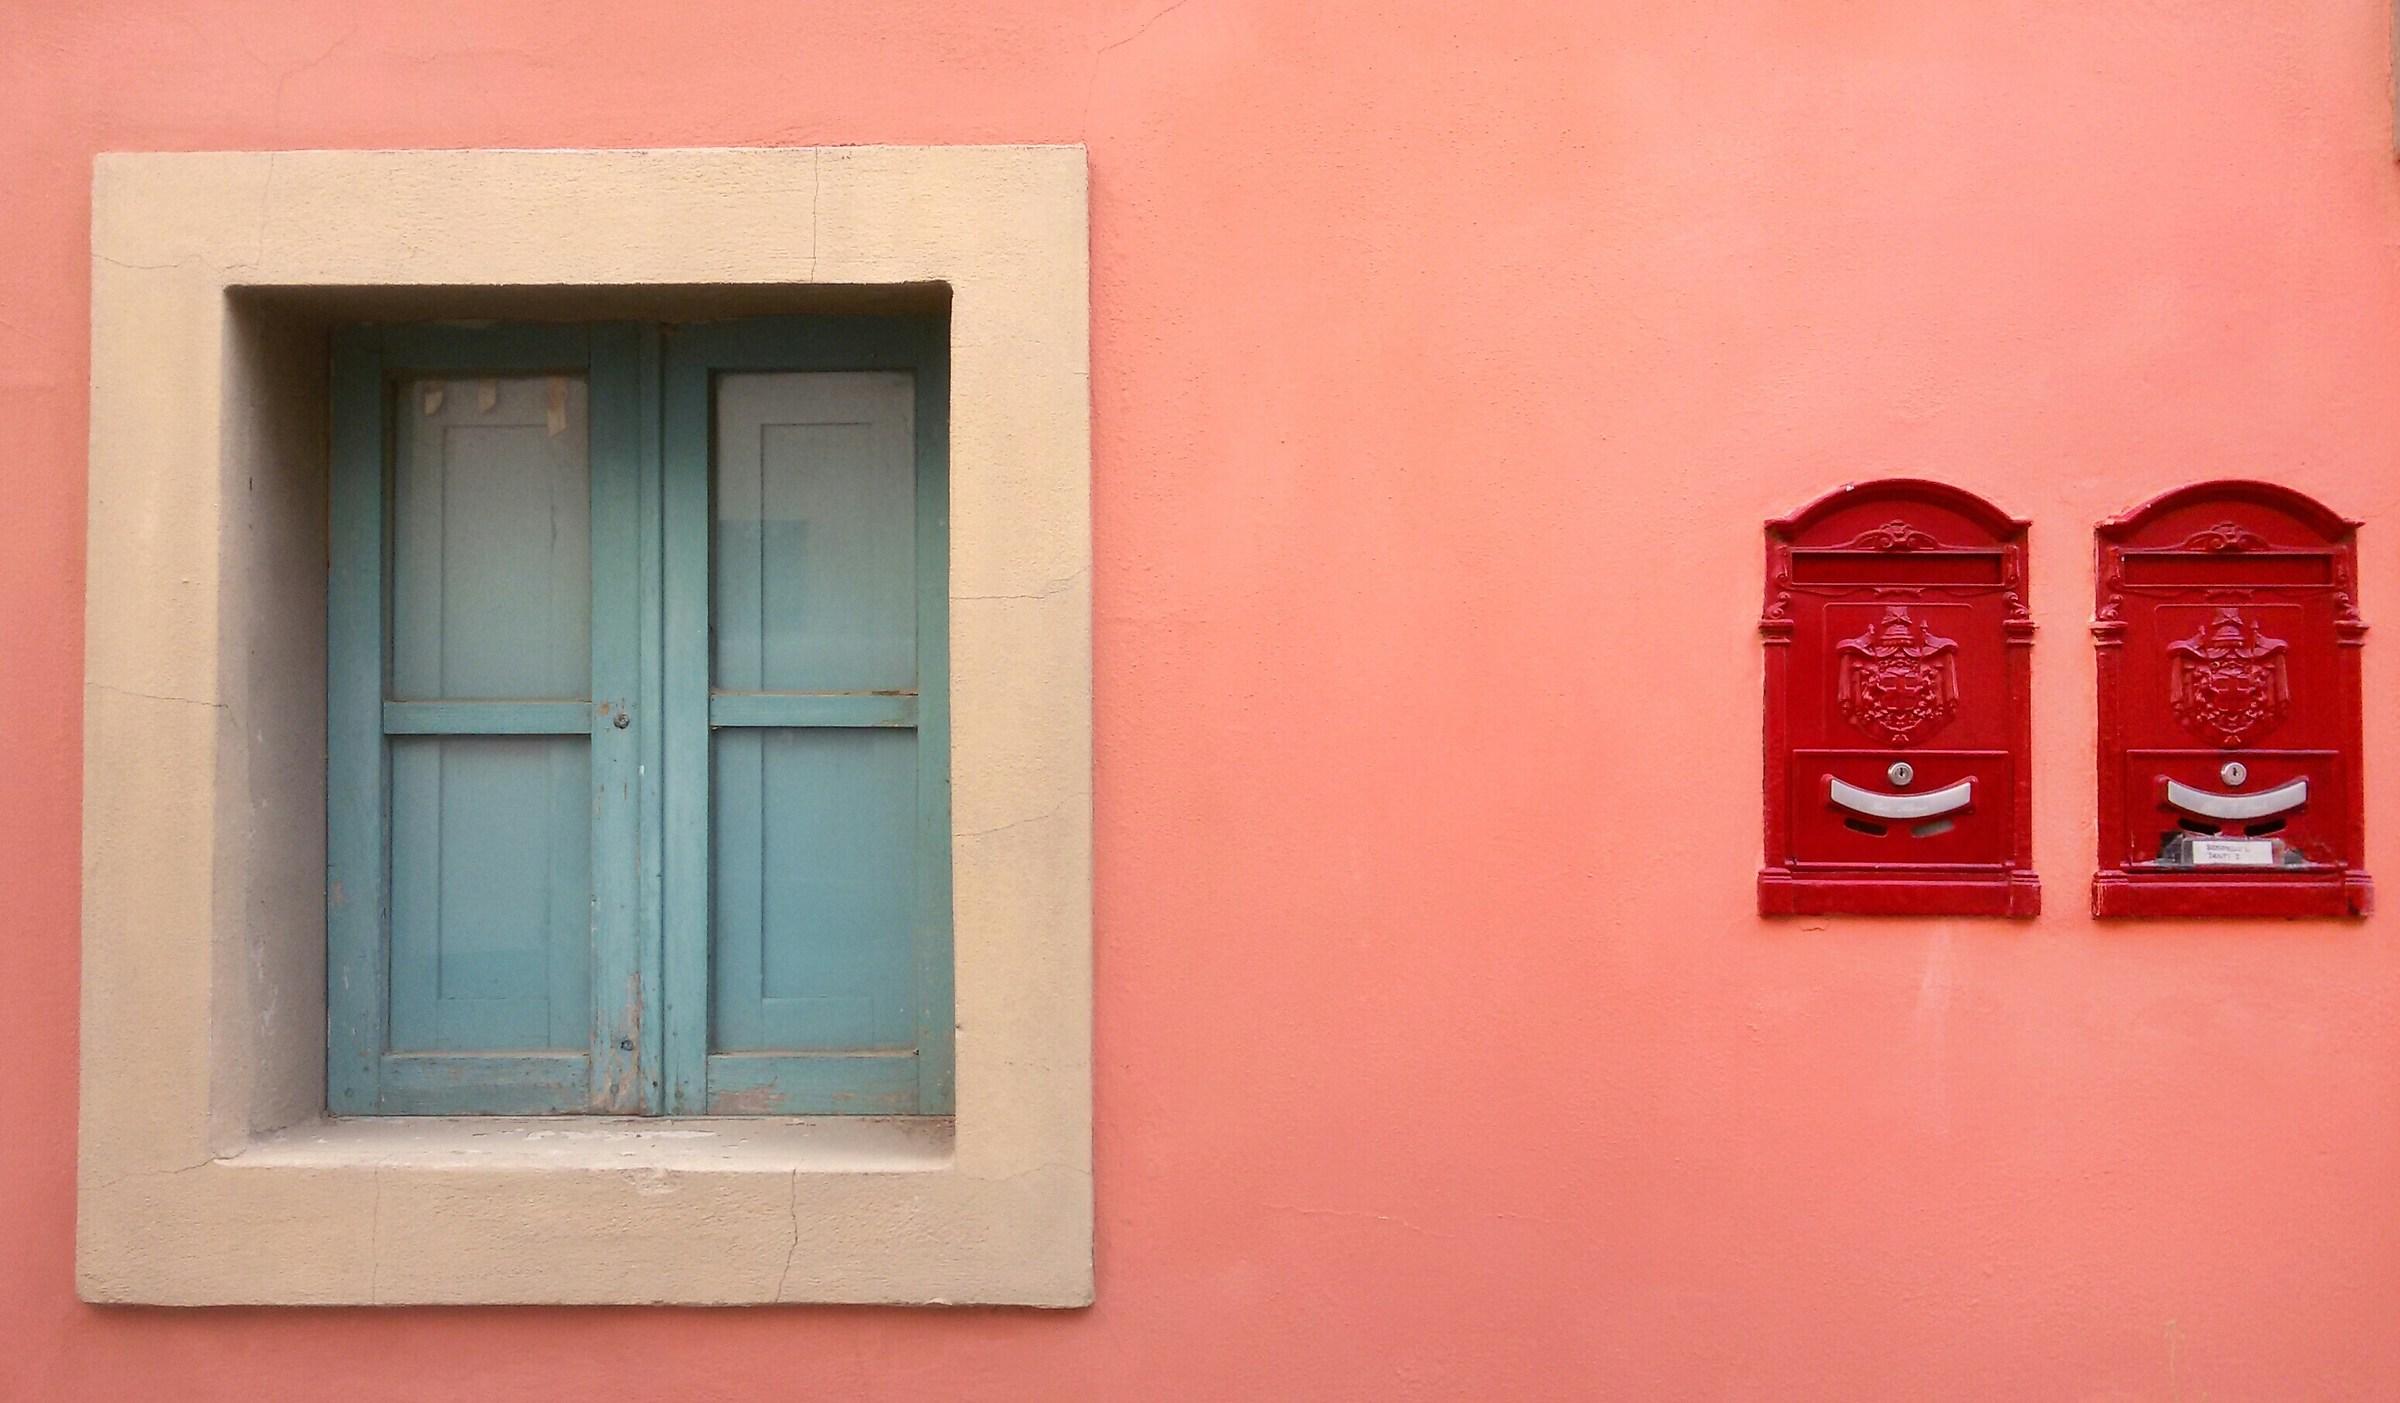 piccole cose di piccole case...